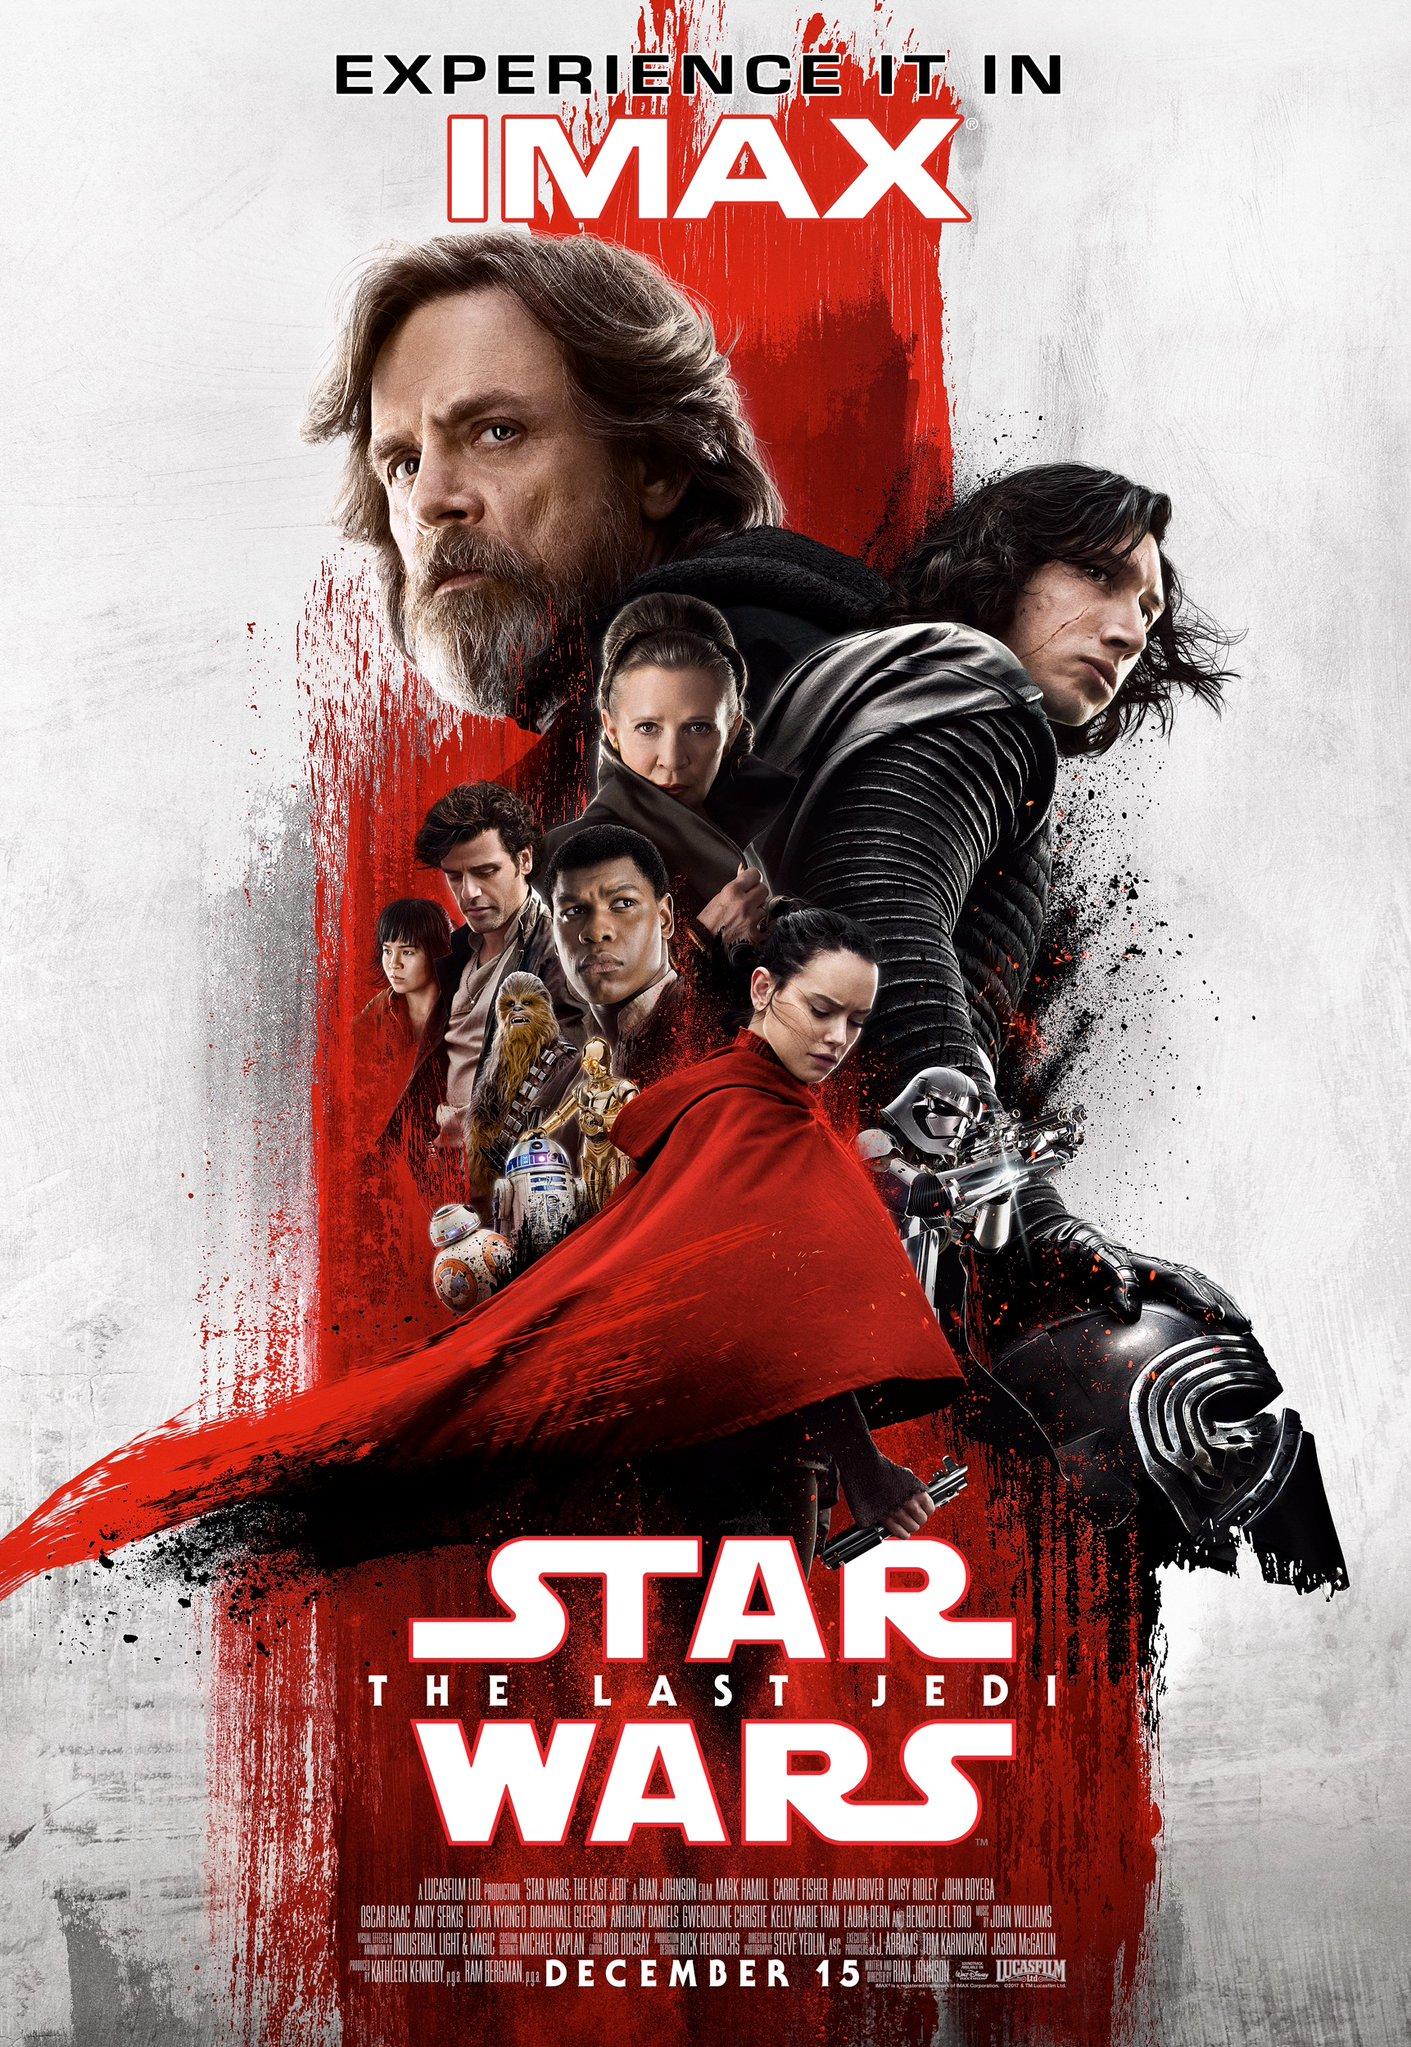 star-wars-last-jedi-imax-poster.jpg